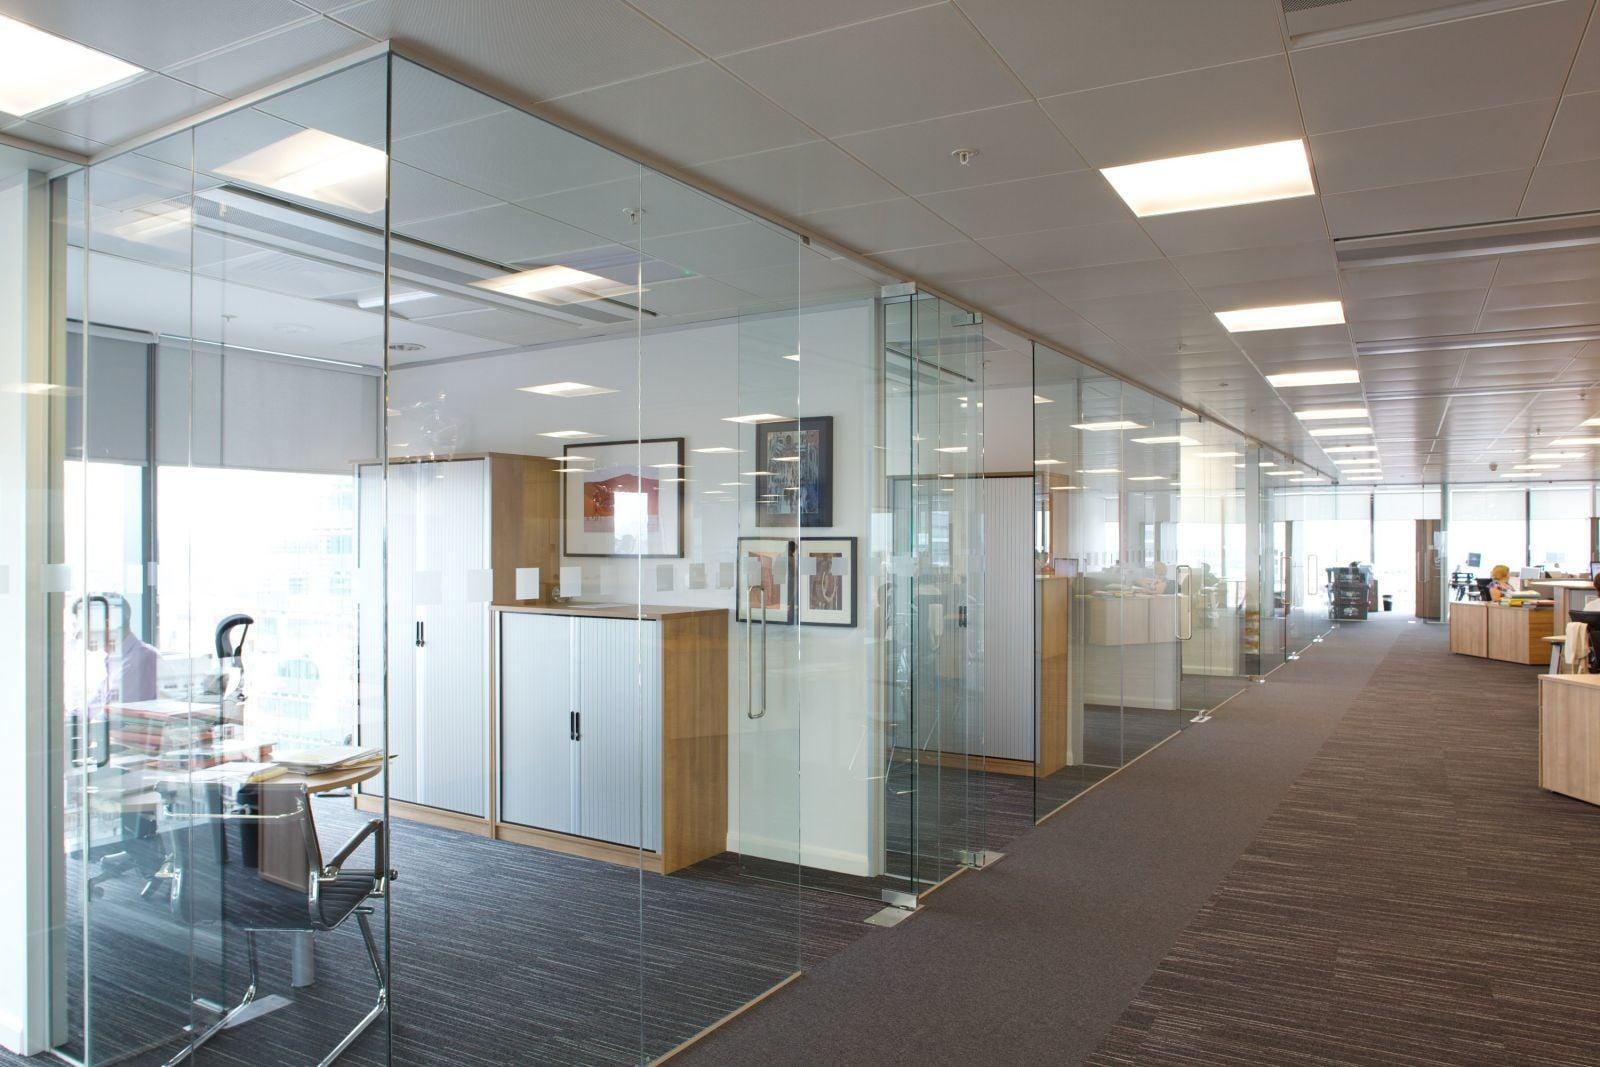 Cửa kính cường lực văn phòng - Vách kính cường lực văn phòng